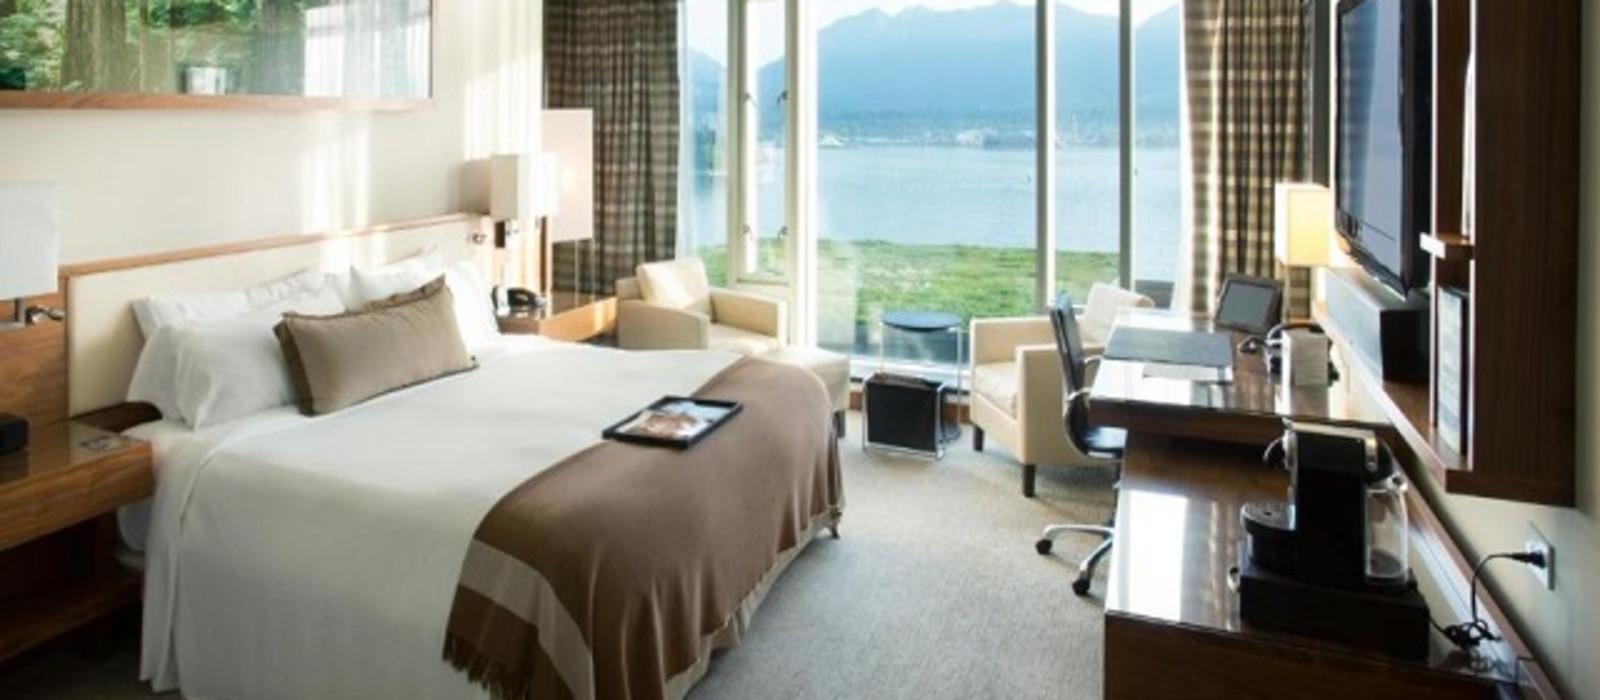 Hotel Fairmont Pacific Rim Canada